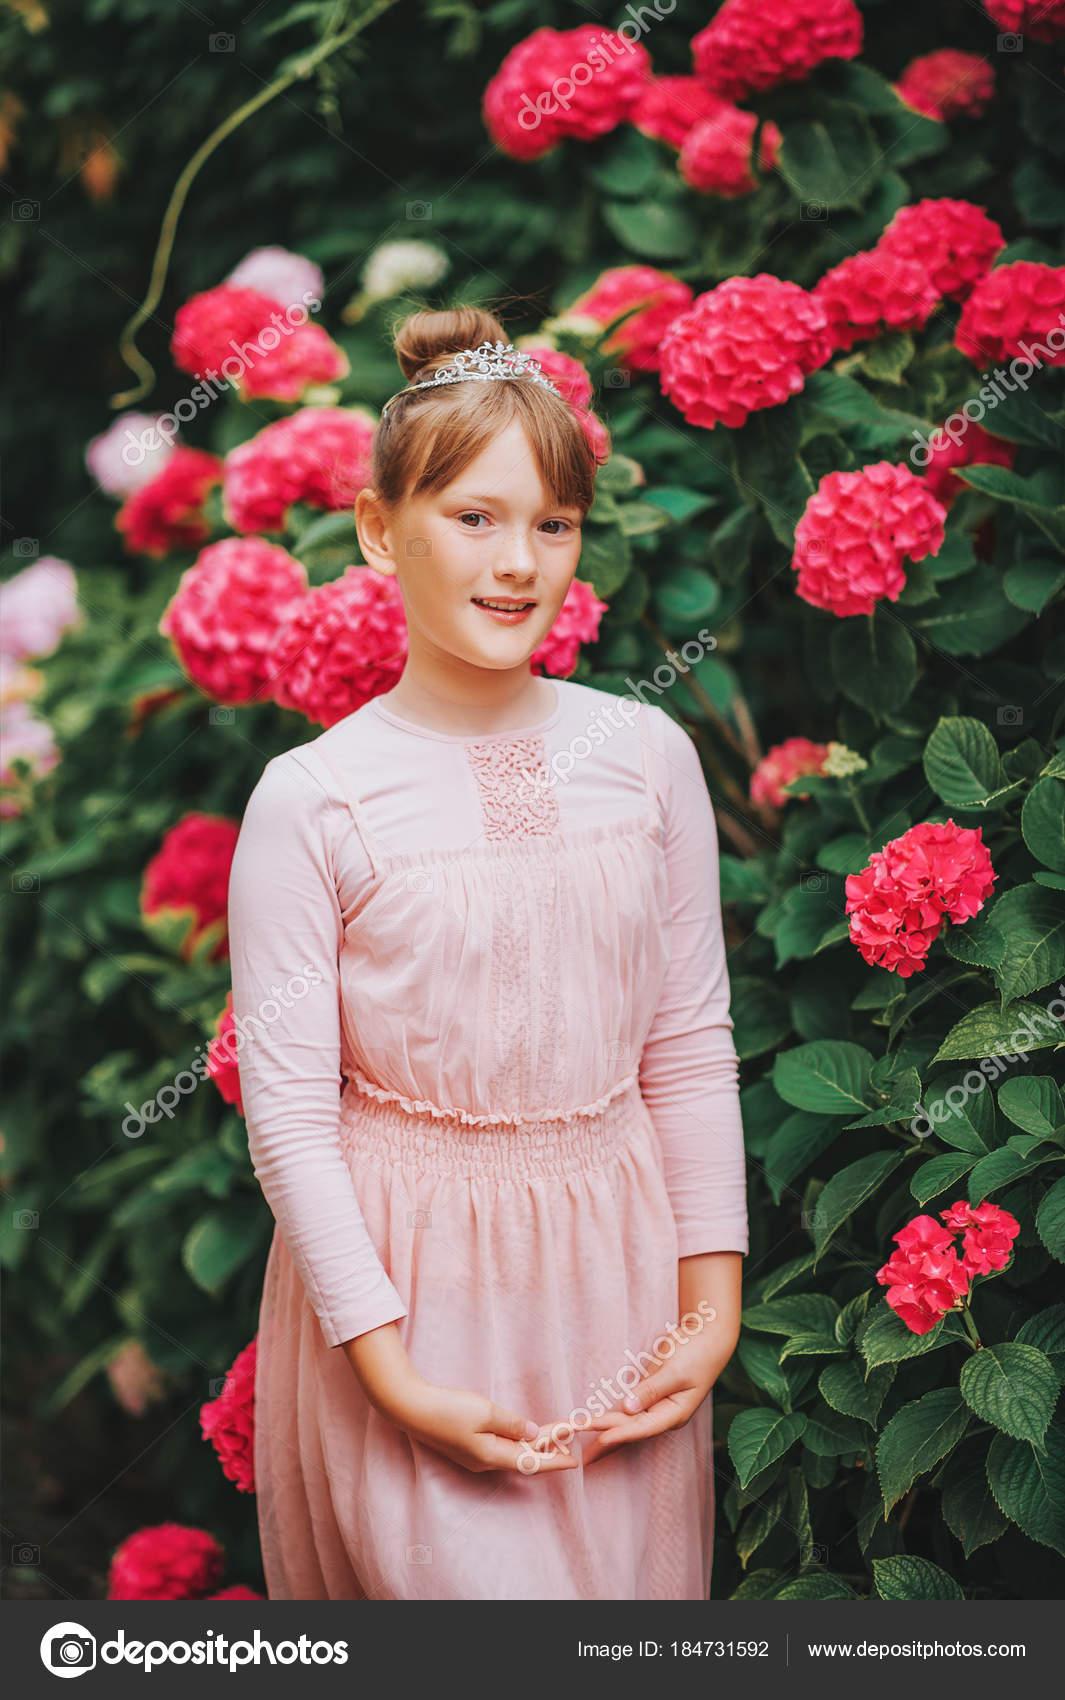 13467a410 Little Ballerina Girl Dancing Hydrangea Garden Wearing Tutu Dress ...